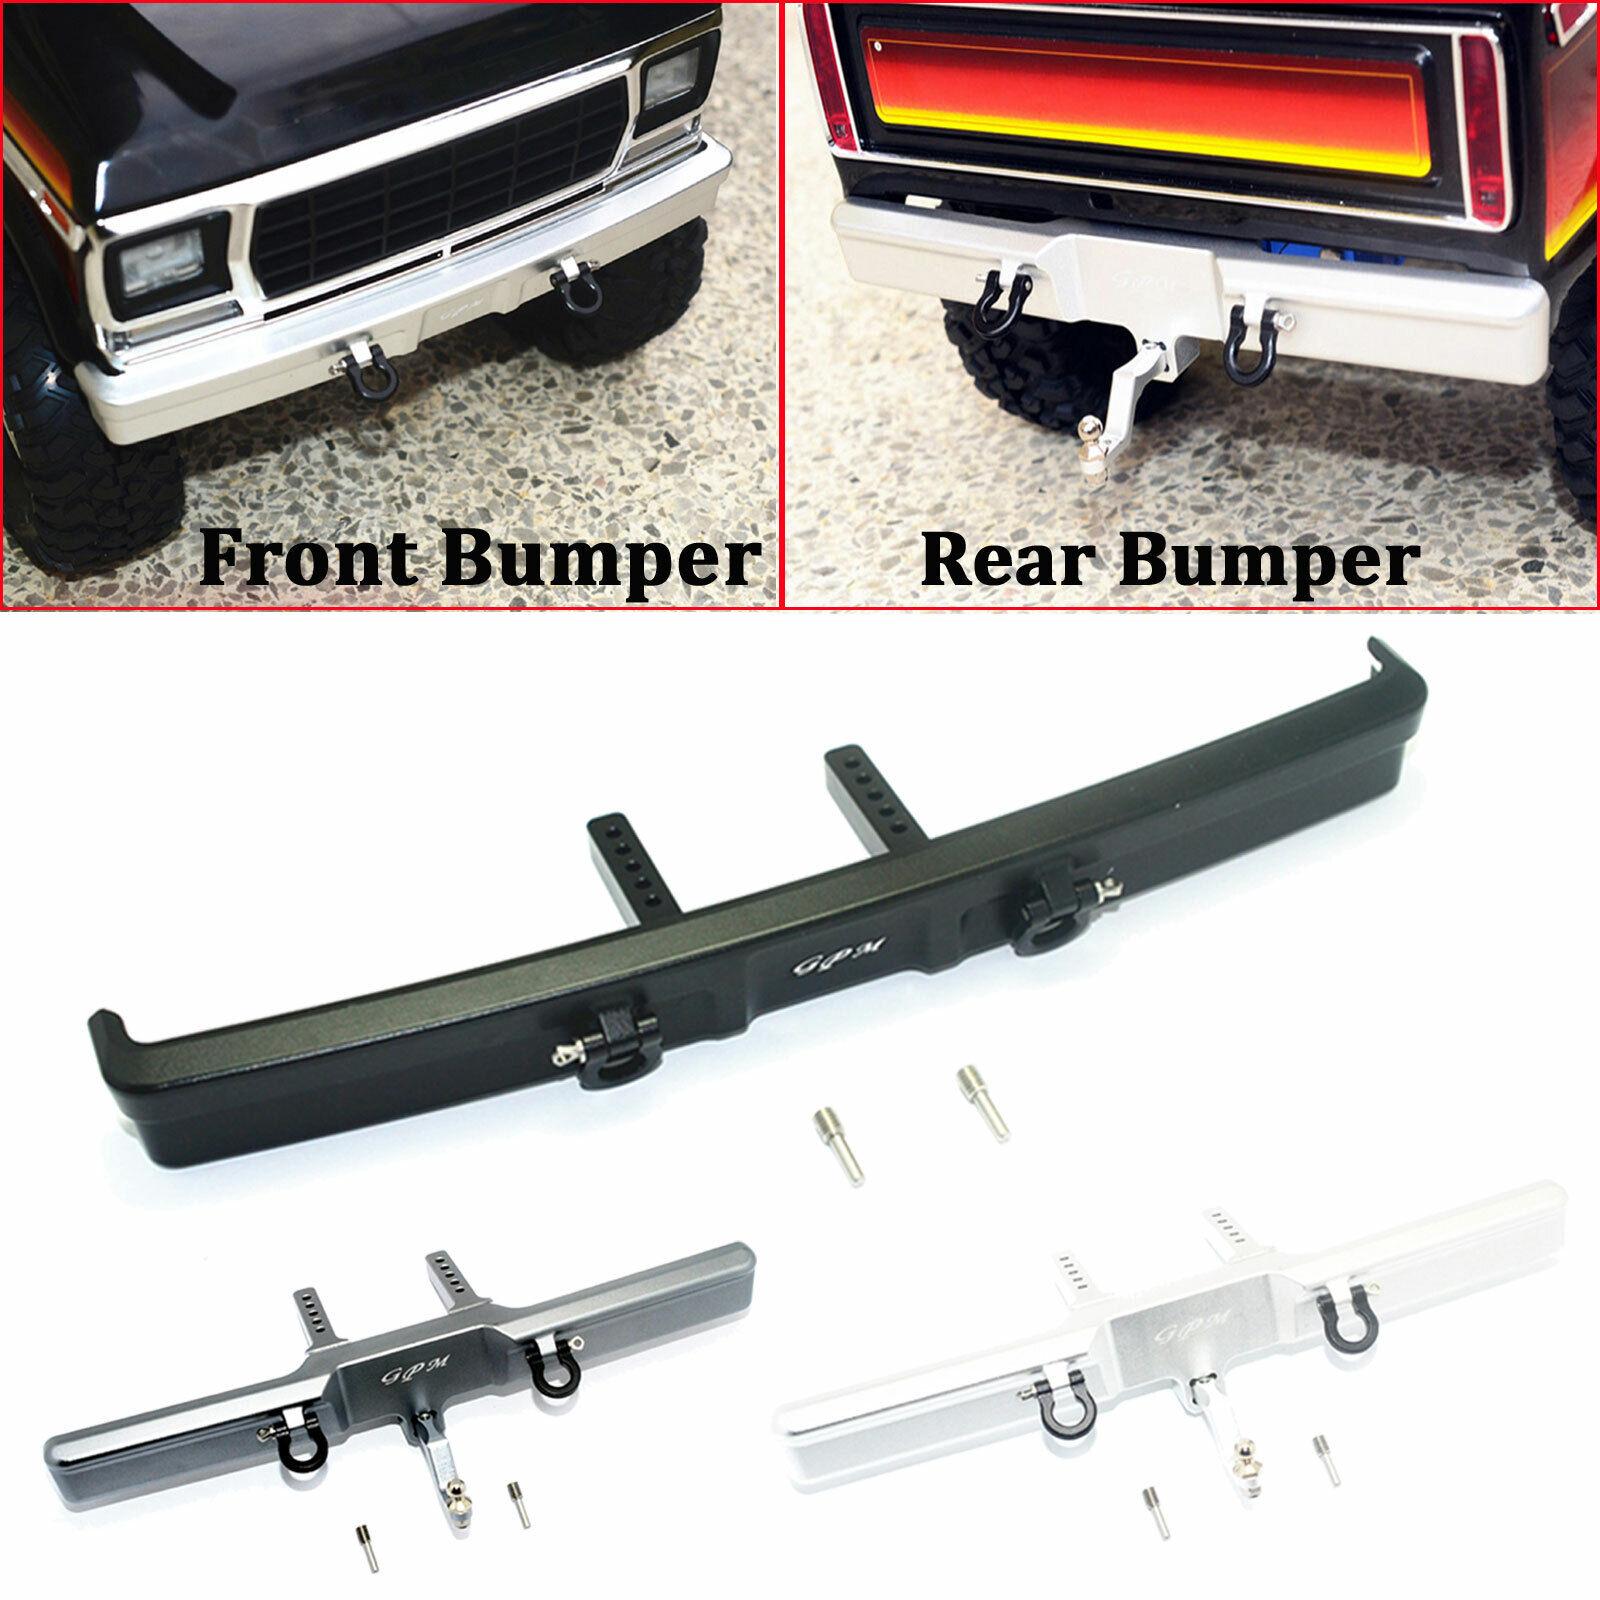 economico e alla moda Metal Metal Metal davanti & Rear Bumper Set For 1 10 Traxxas TRX4 Ford Bronco RC Crawler autos  consegna rapida